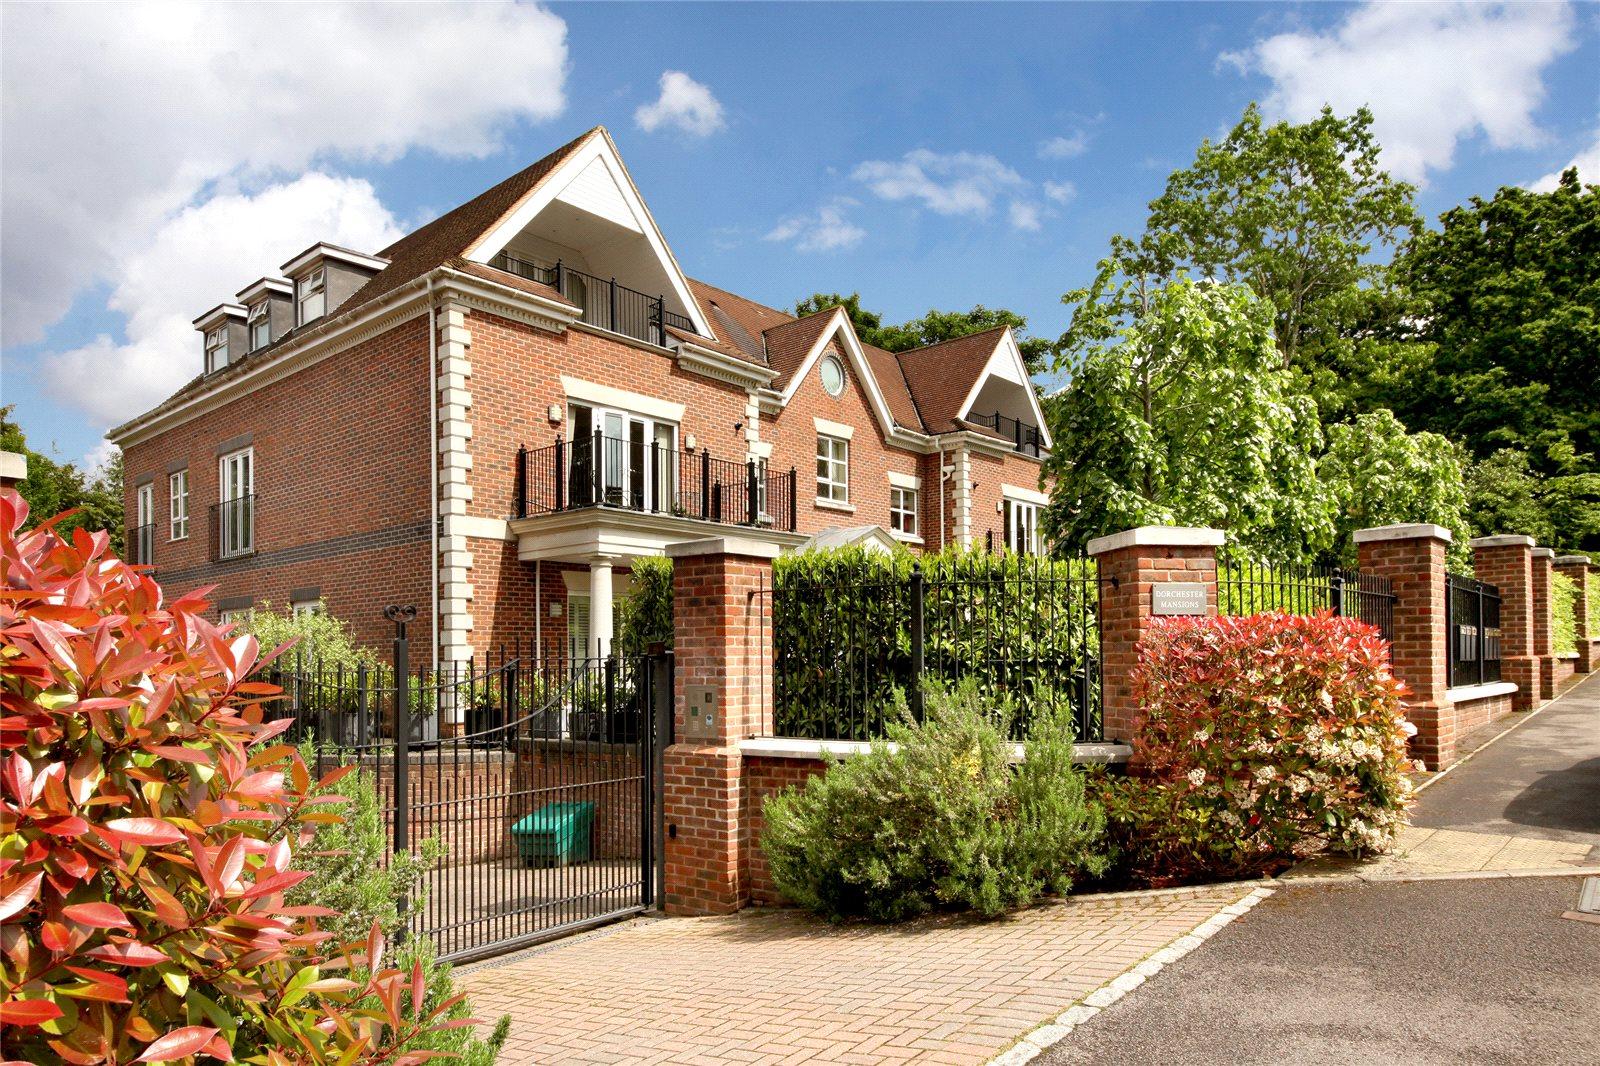 Appartementen voor Verkoop een t Dorchester Mansions, Cross Road, Sunningdale, Berkshire, SL5 Sunningdale, Engeland